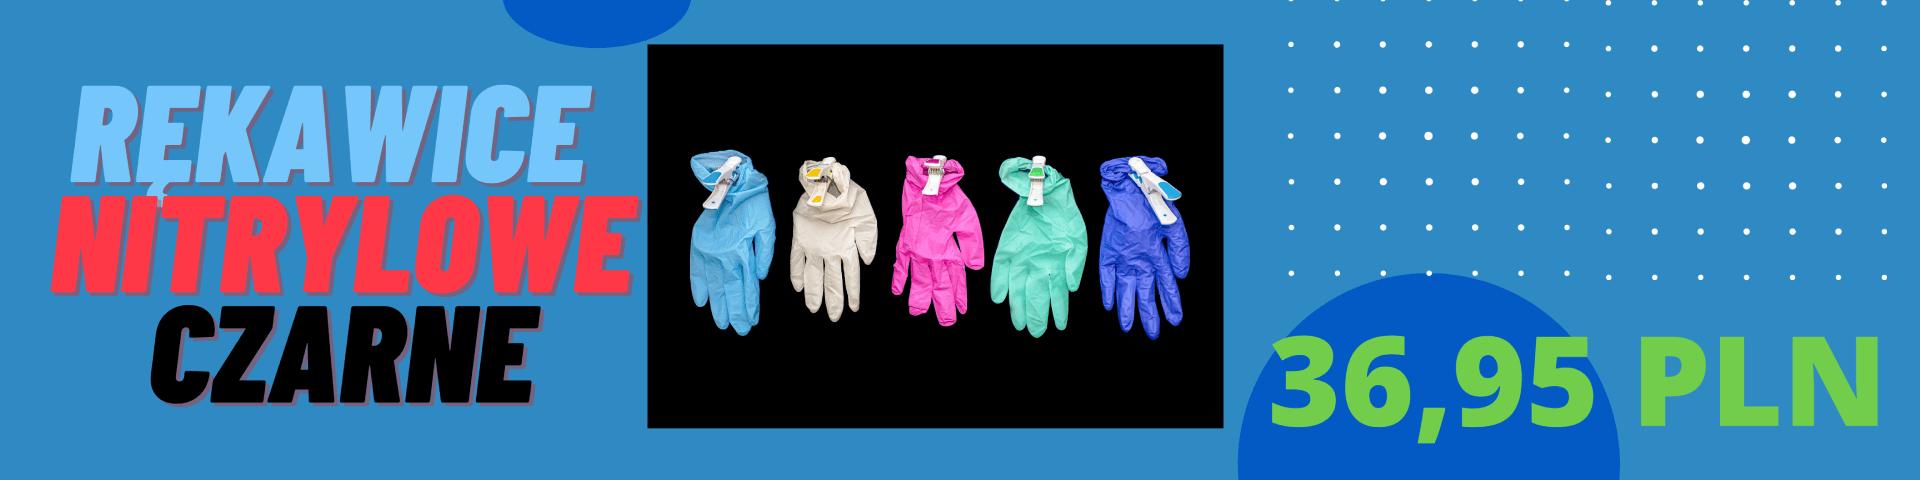 Rękawice nitrylowe czarne promocja